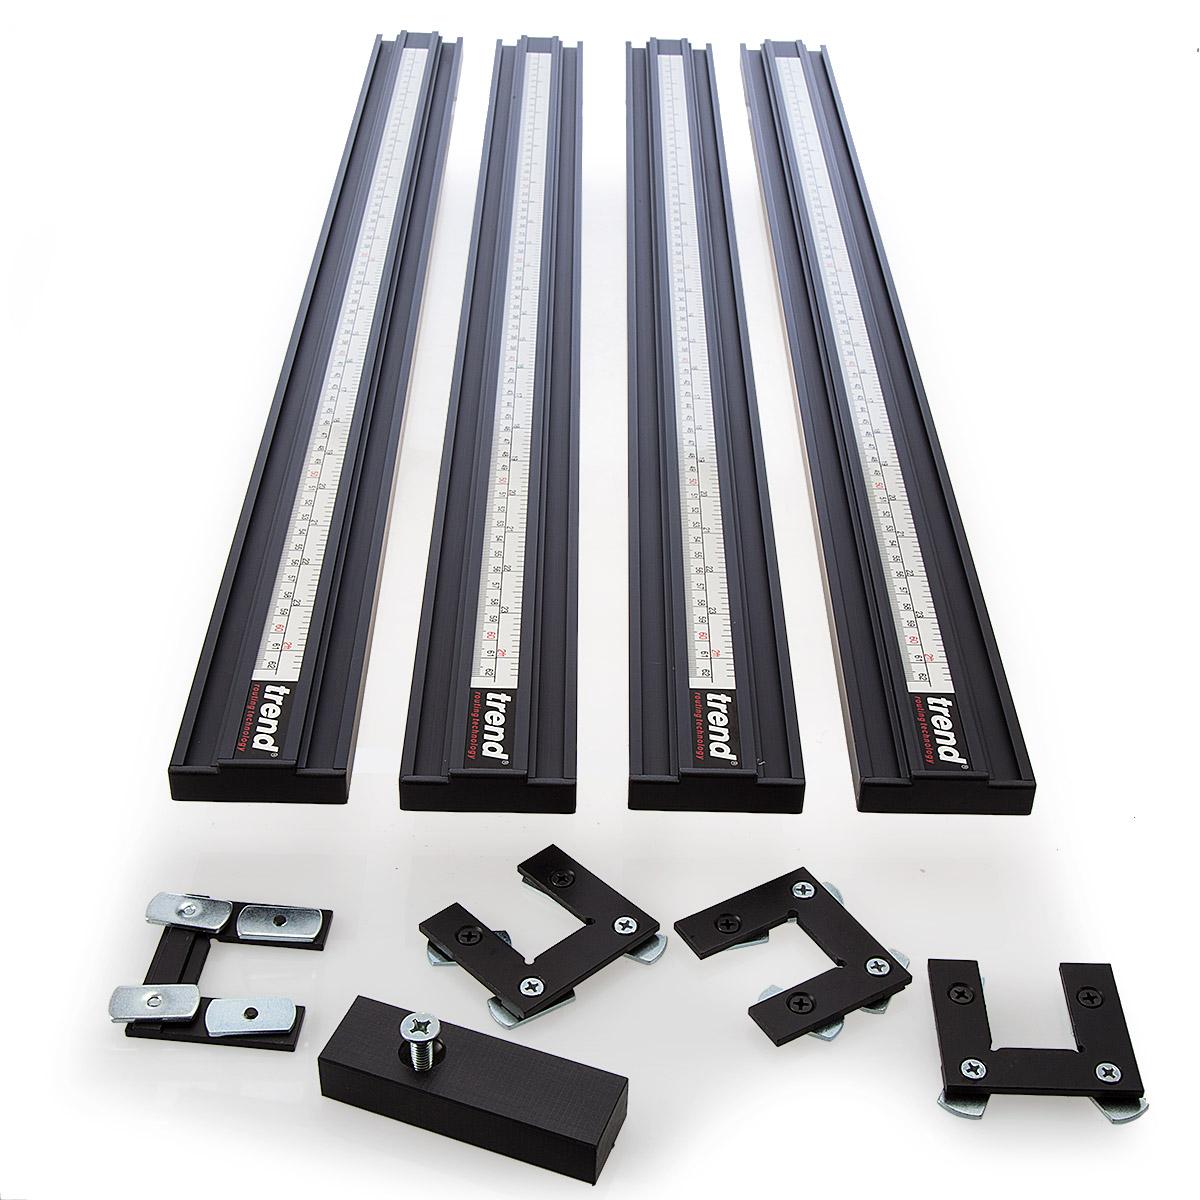 шаблон фрезерный Для фрезерования прямоугольных и квадратных отверстий или плит